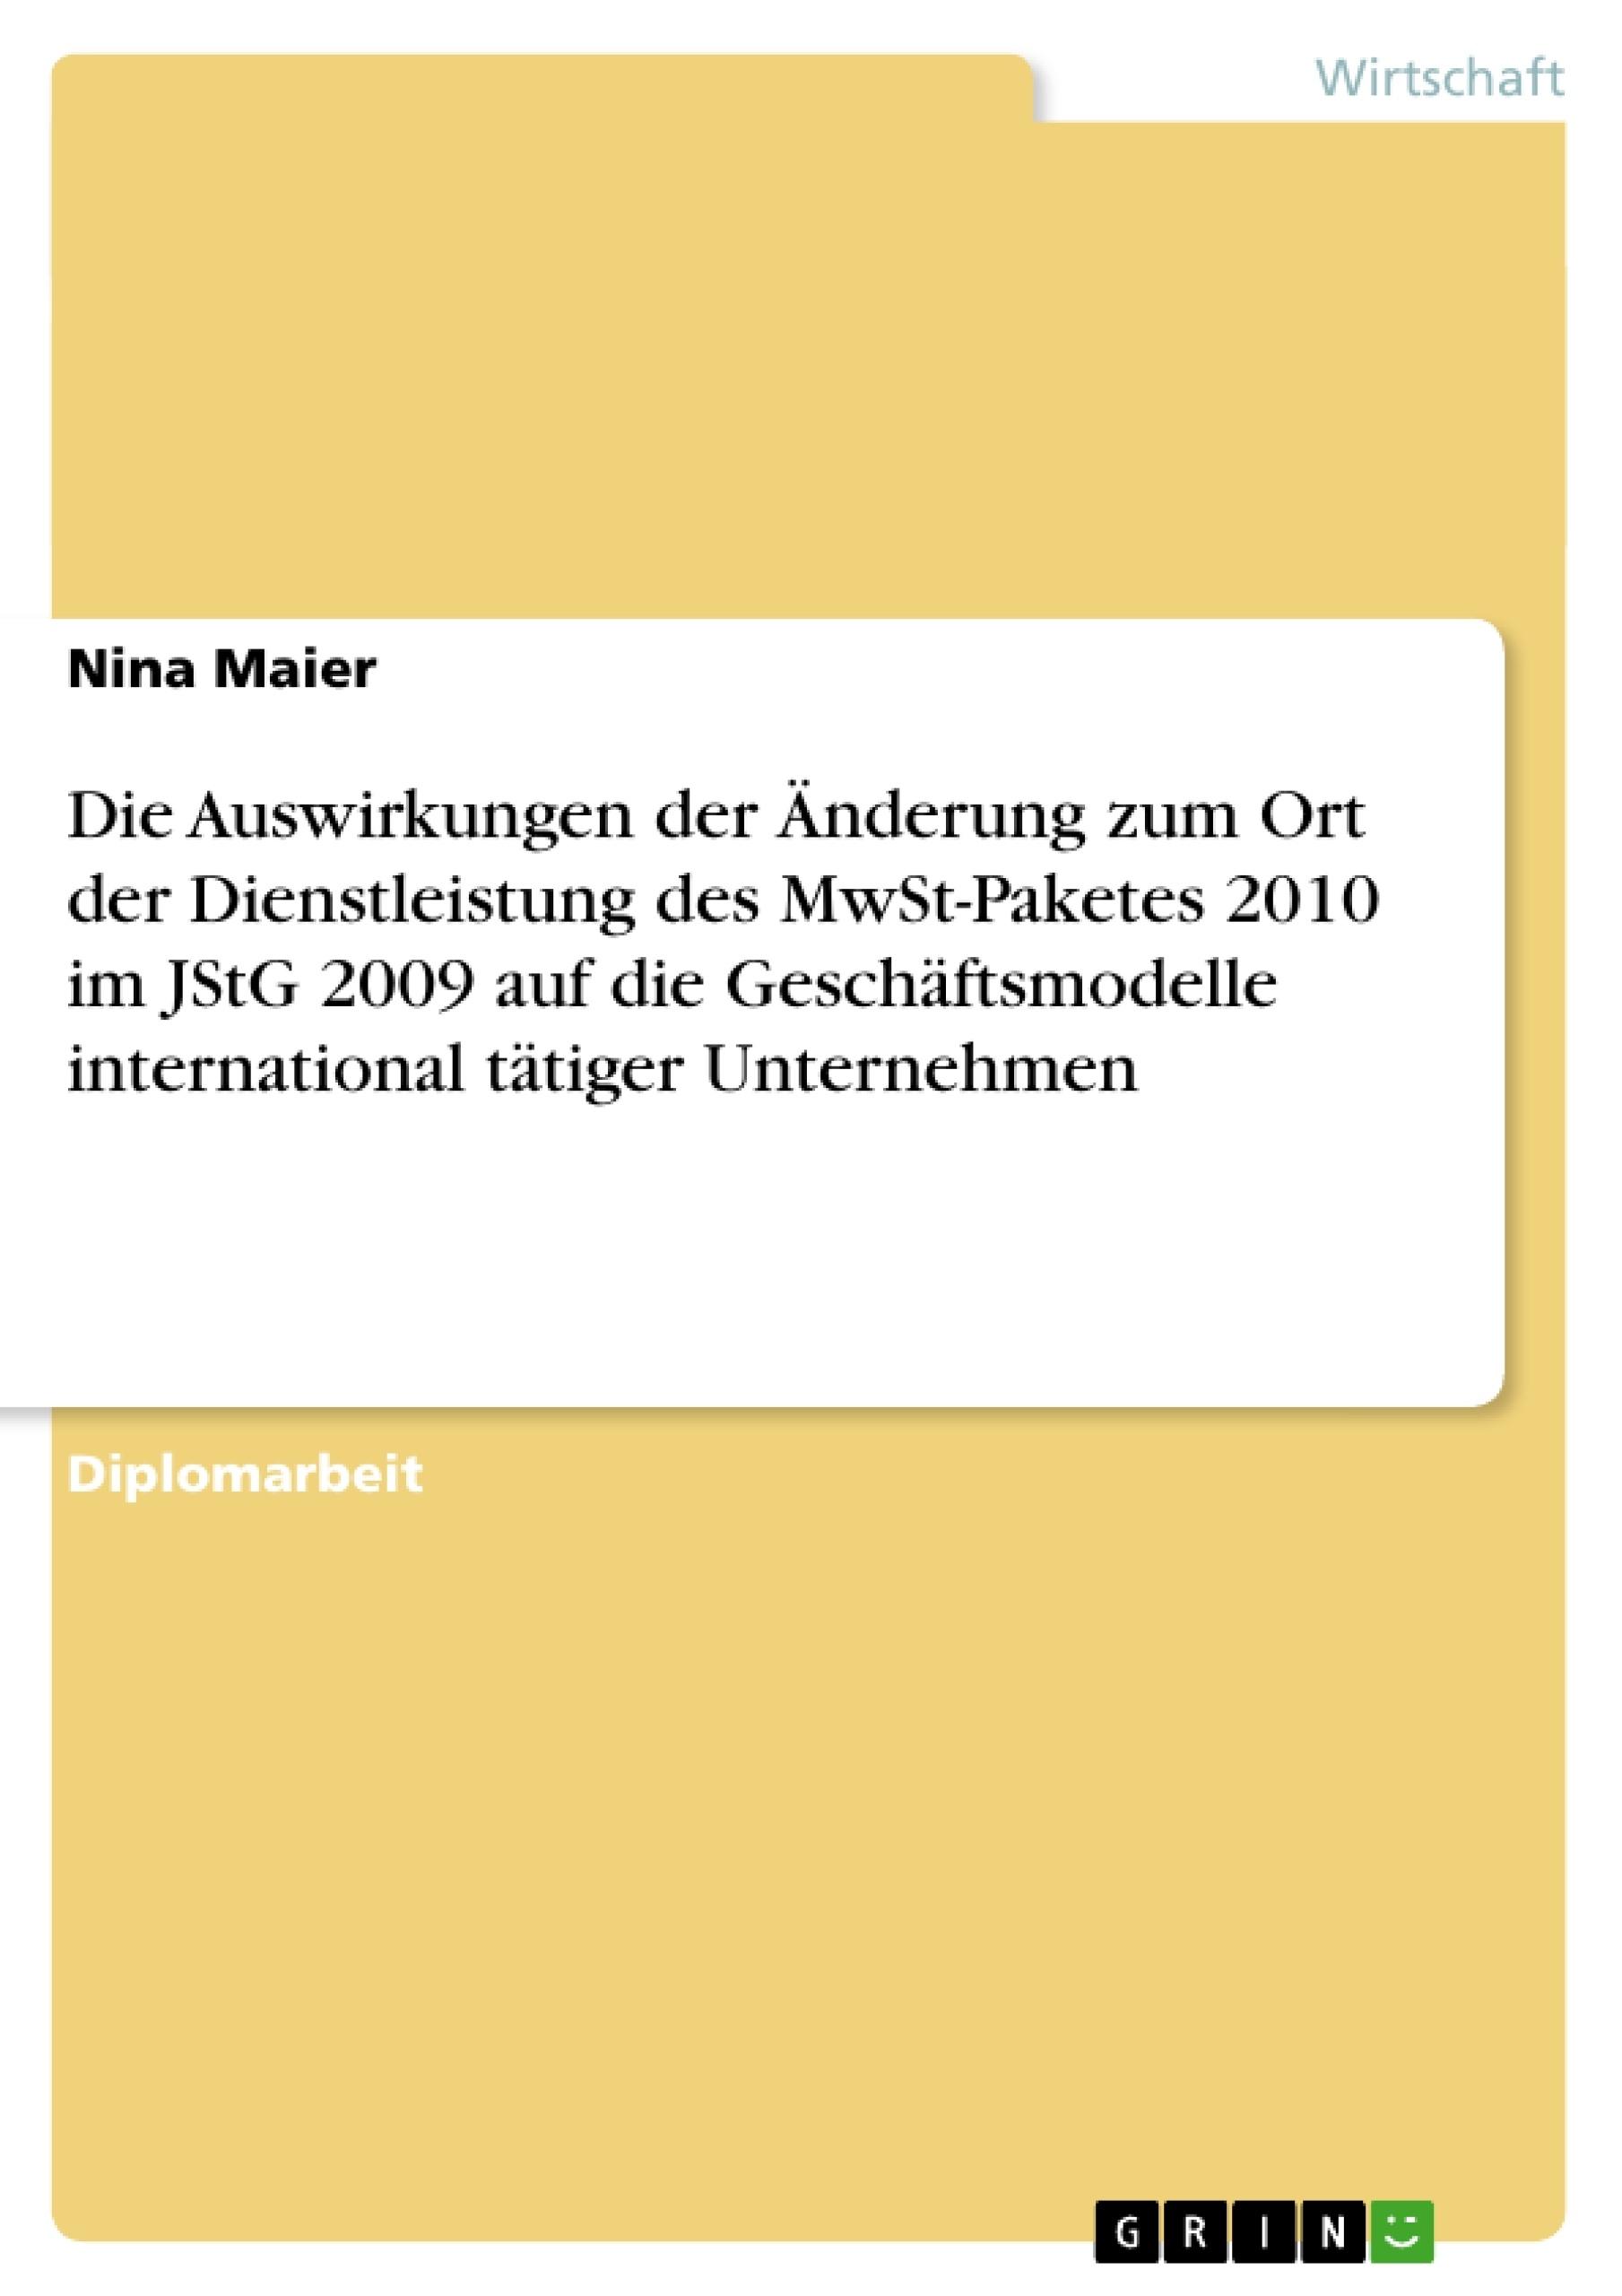 Titel: Die Auswirkungen der Änderung zum Ort der Dienstleistung des MwSt-Paketes 2010 im JStG 2009 auf die Geschäftsmodelle international tätiger Unternehmen